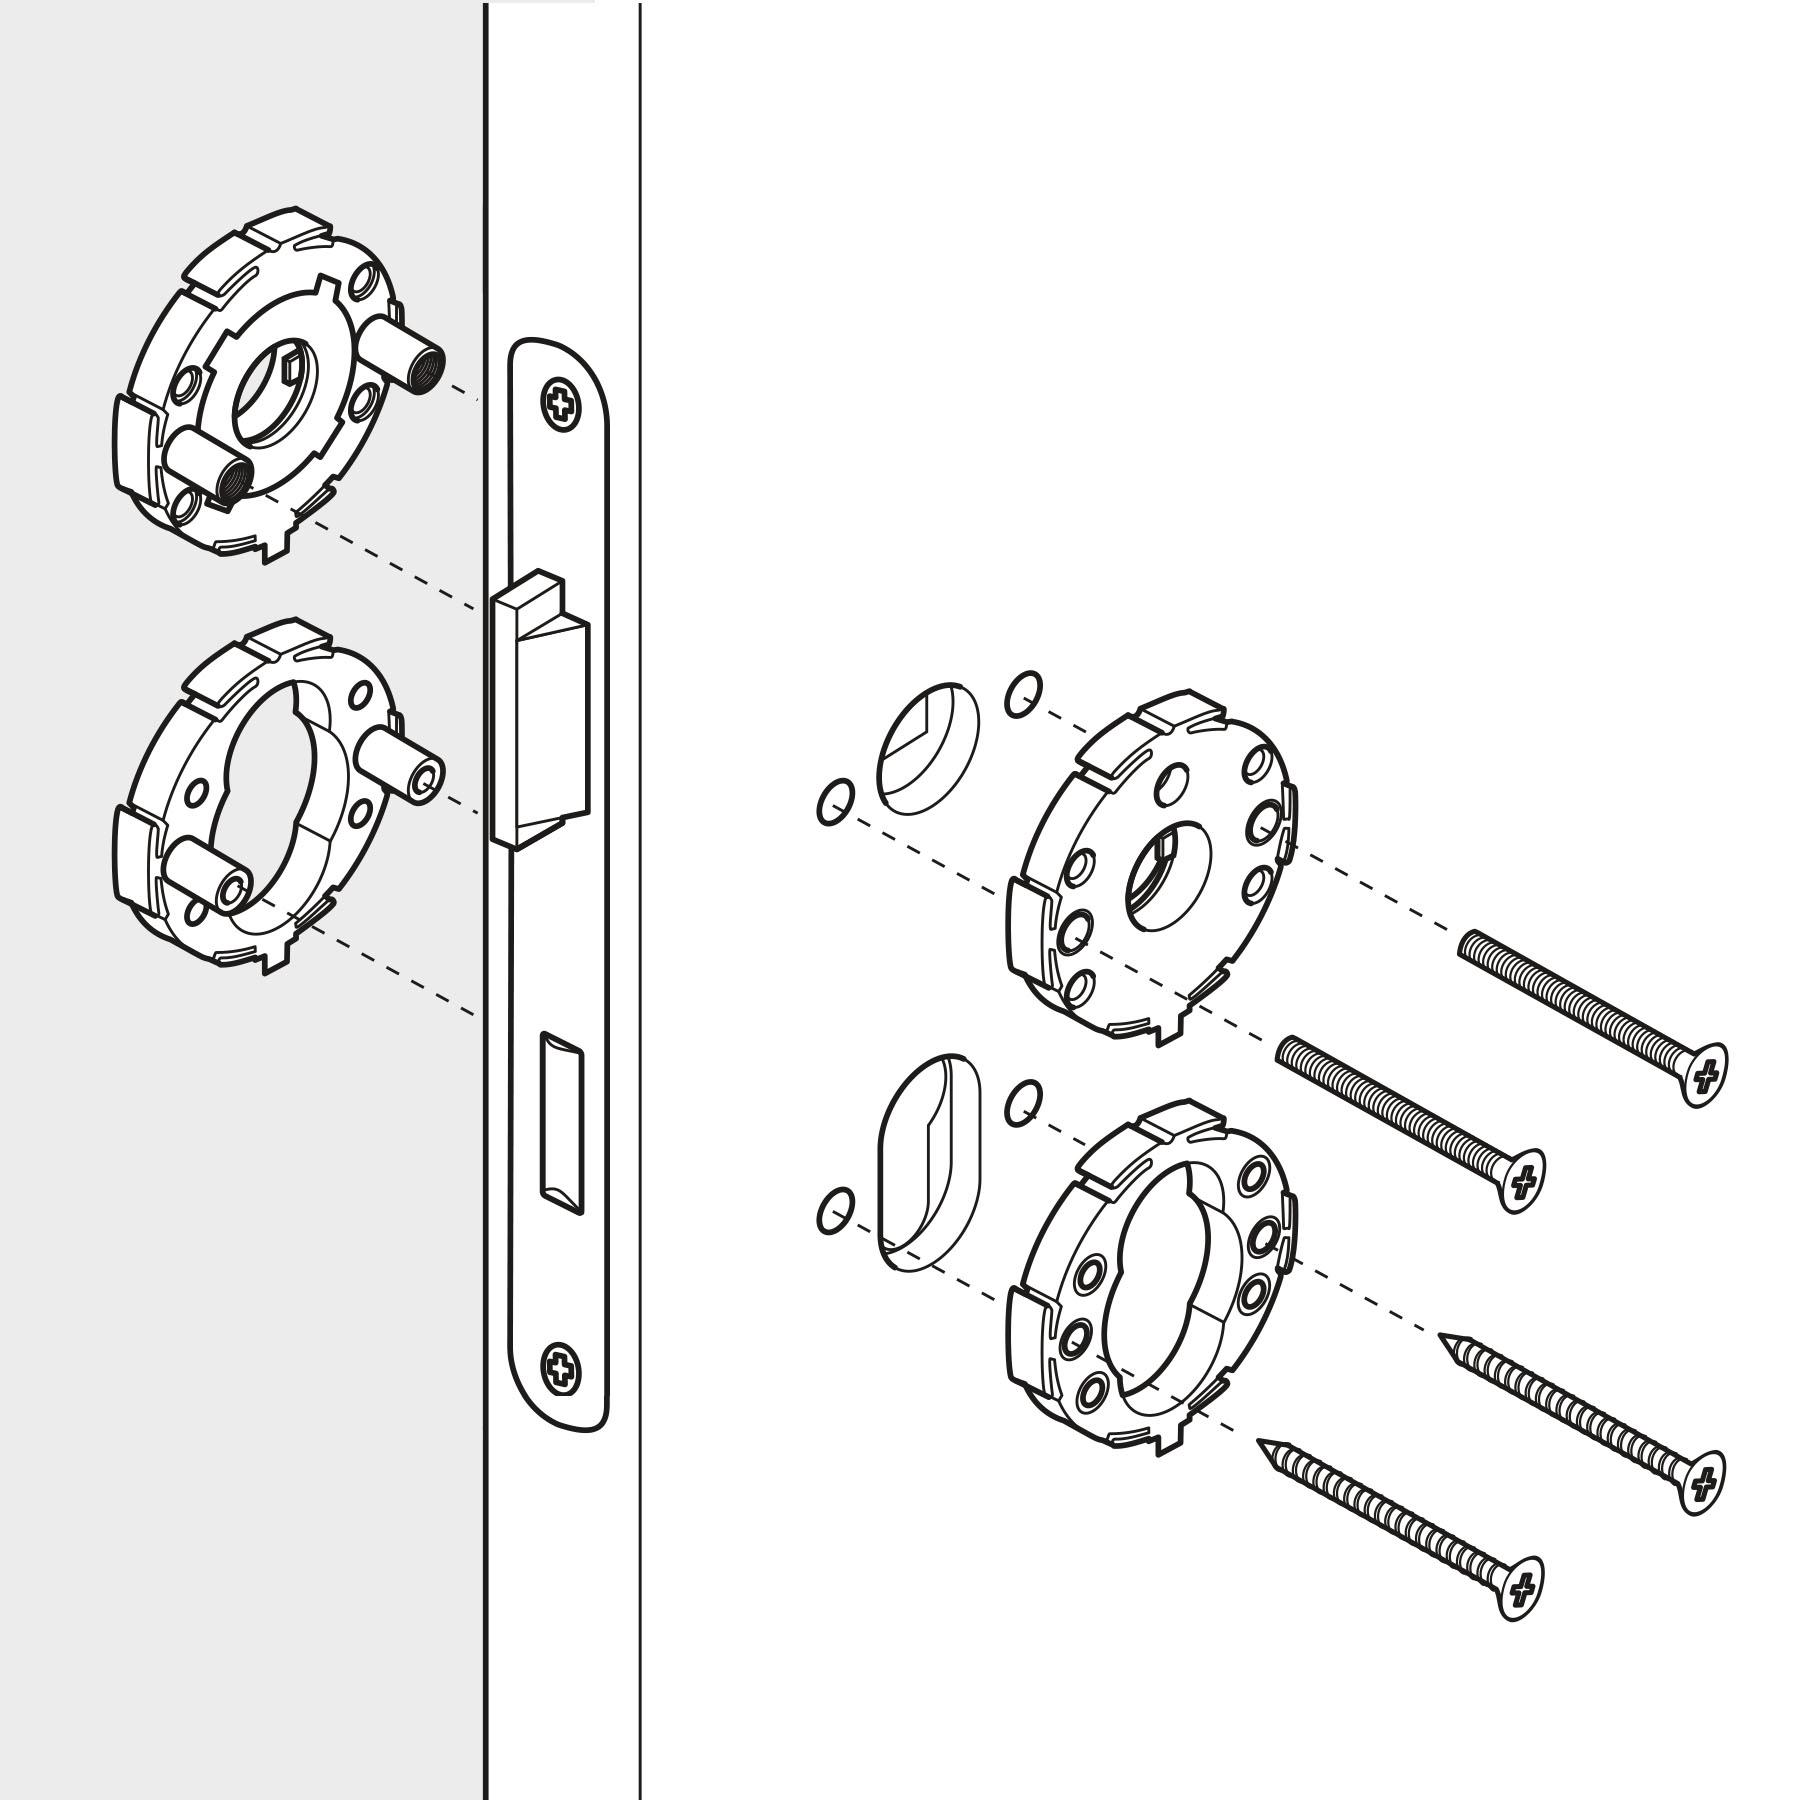 Illustration Strichzeichnung Montageschritt Beschlag Schritt1